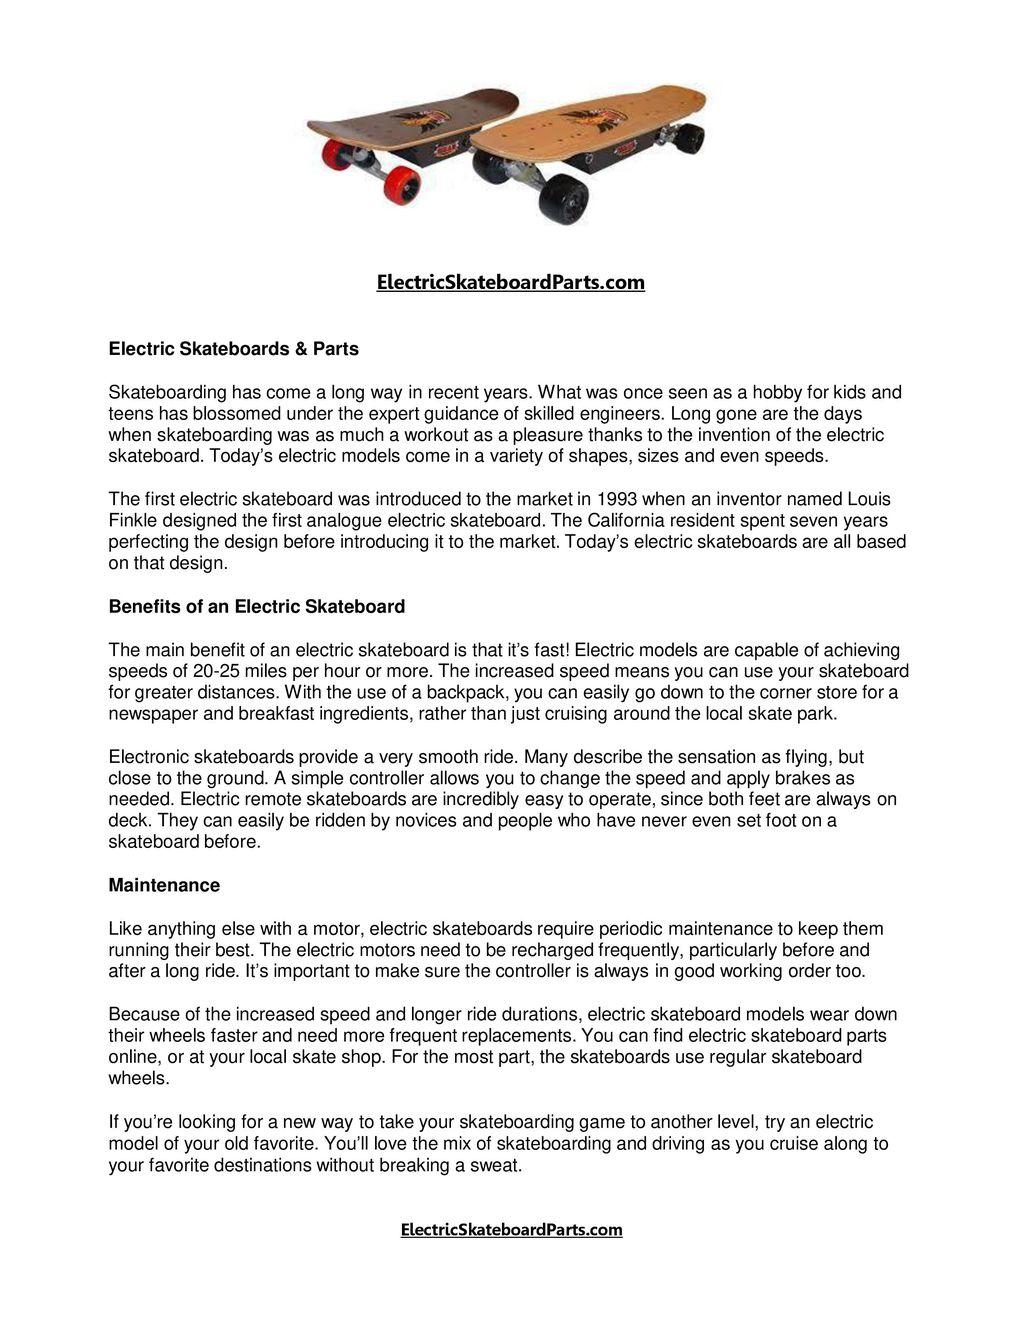 ElectricSkateboardParts com Electric Skateboards & Parts